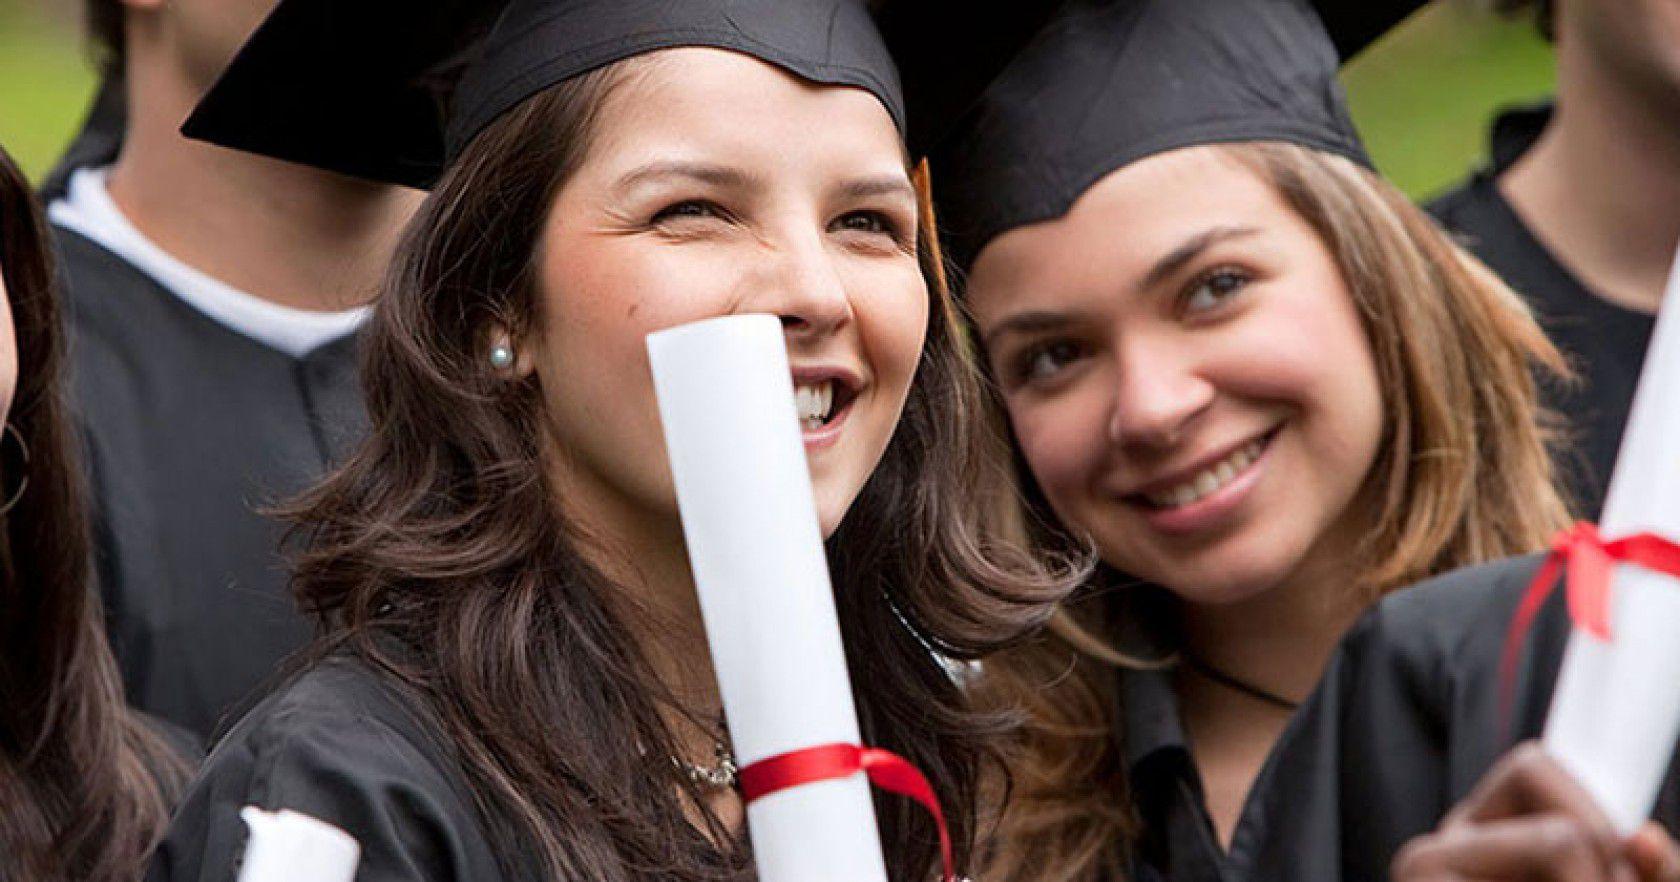 İngiltere Eğitim Bakanlığı Özel Okul Bursluluk Programları Hakkında Merak Edilenler